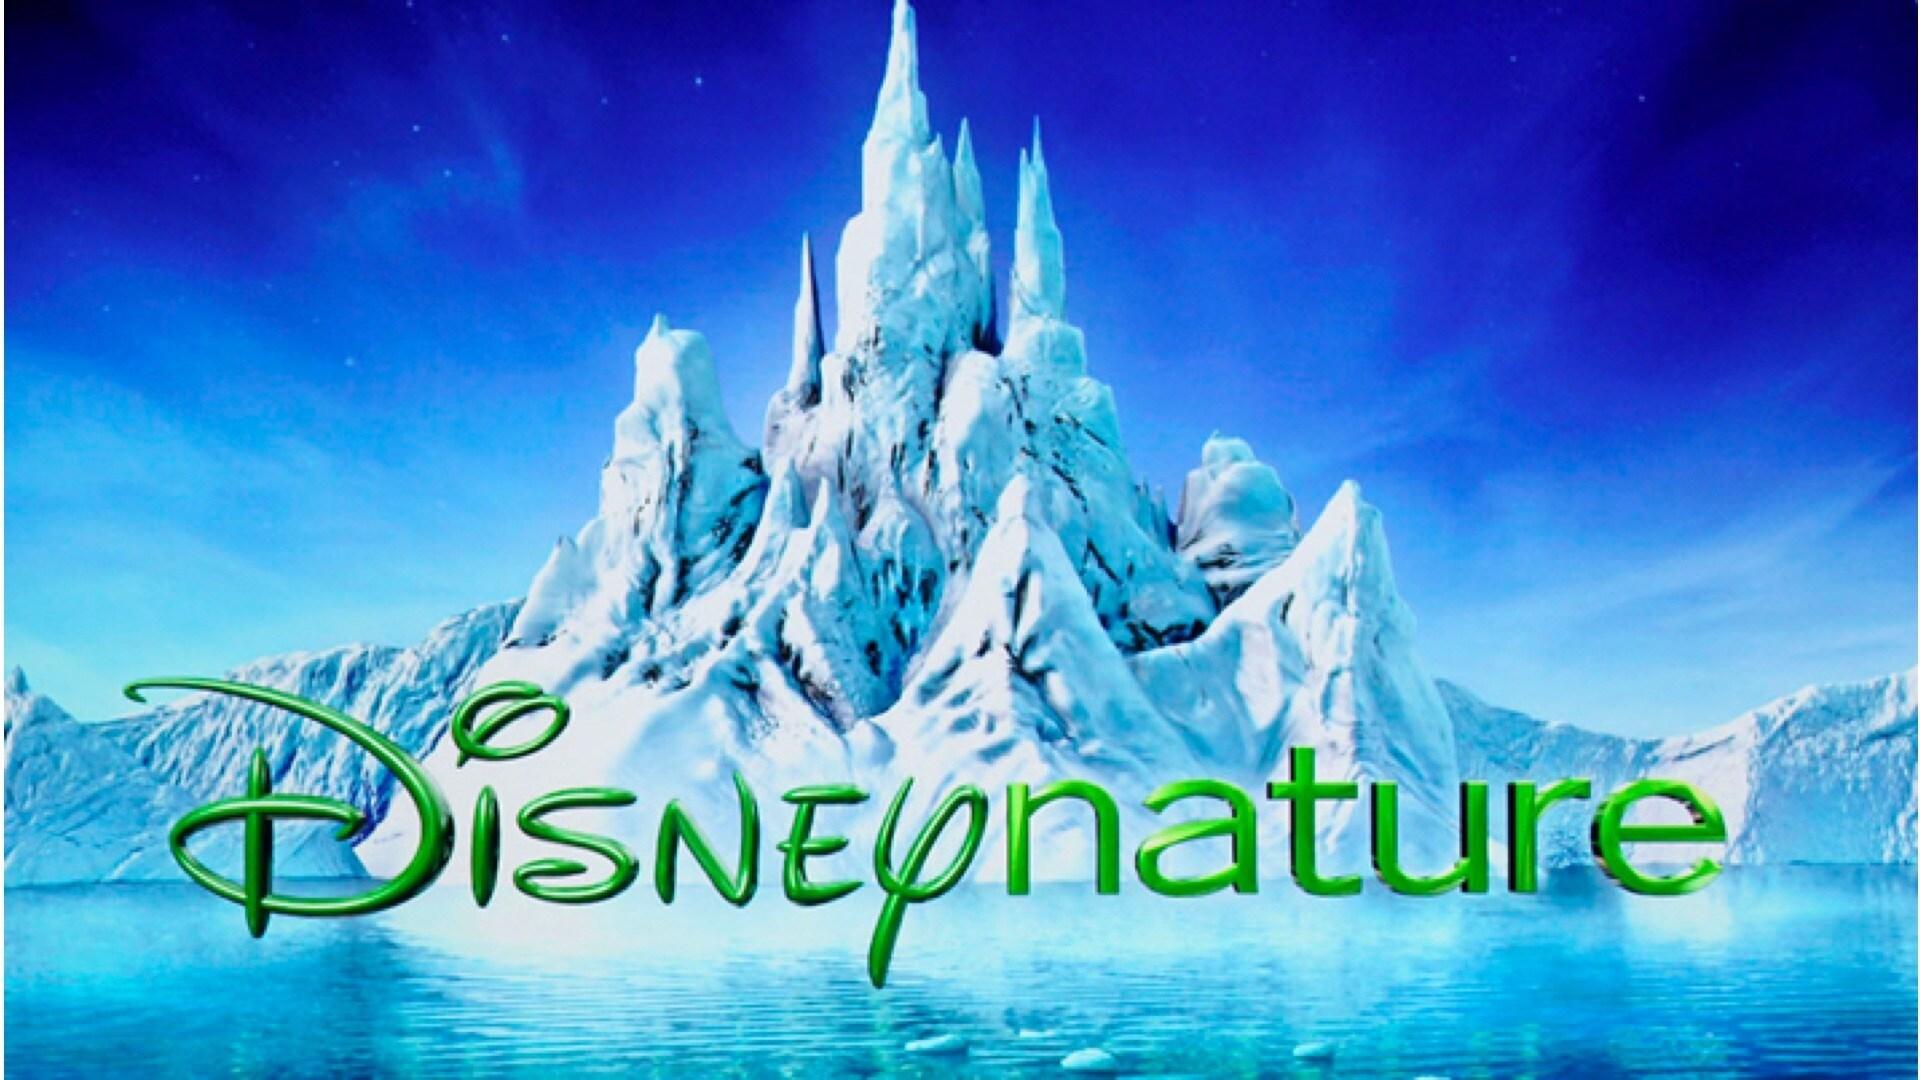 Créé par Jean-François Camilleri, PDG de Disney France, Disneynature fait renaître les grands films animaliers car « la Nature raconte les plus belles histoires » comme ceux de Walt Disney 60 ans plus tôt.